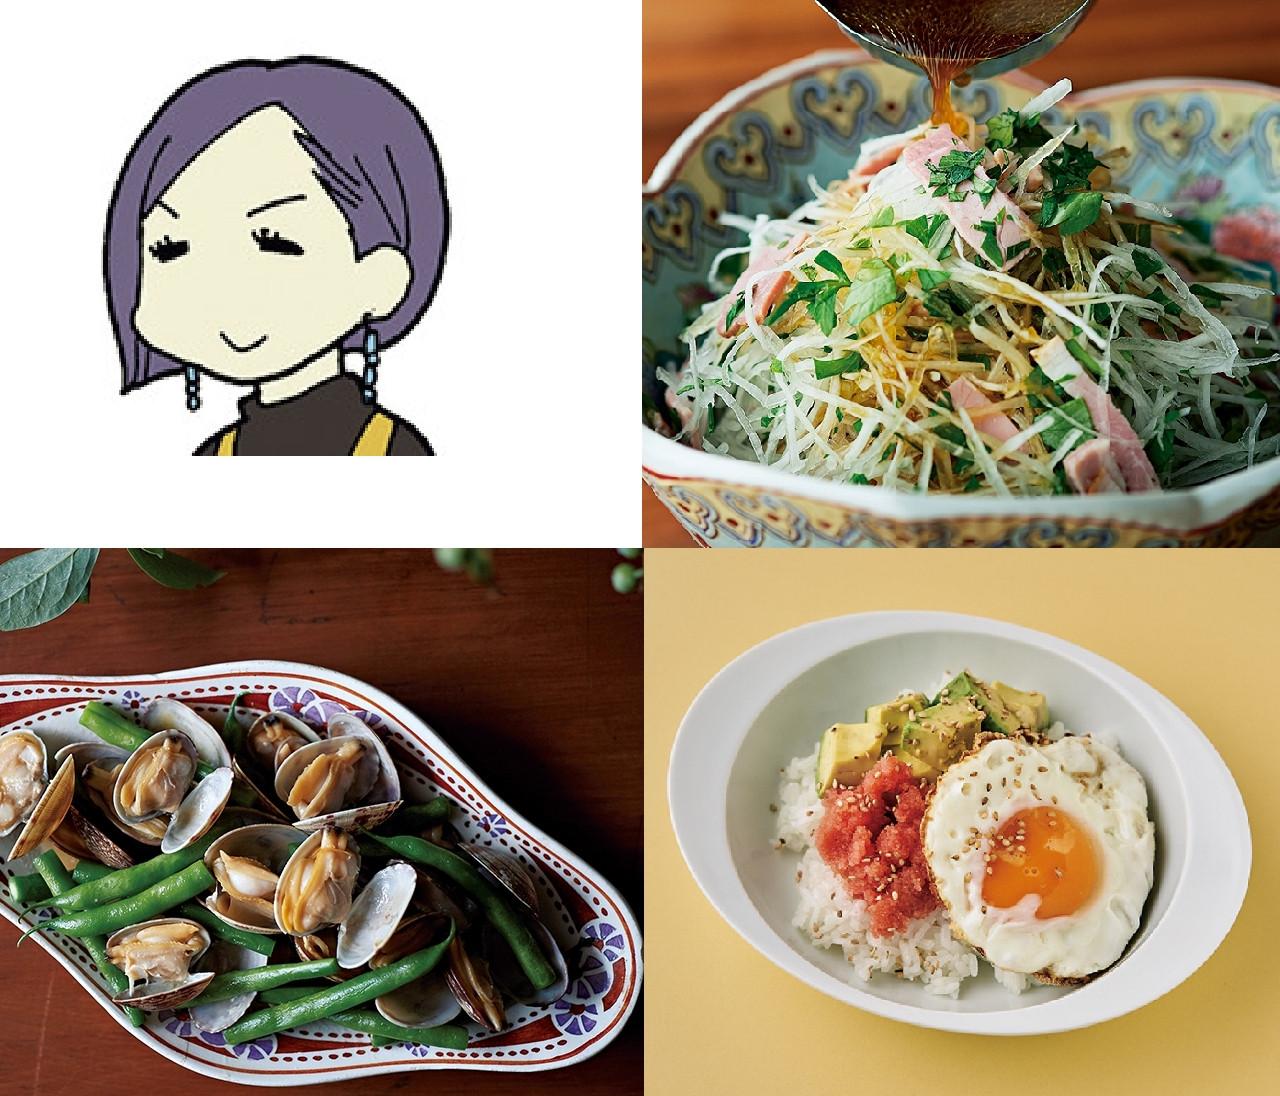 【ツレヅレハナコさんのレシピまとめ】宅飲みから最愛卵まで♡ 編集者ならではの簡単&美味しいレシピをまとめてチェック!